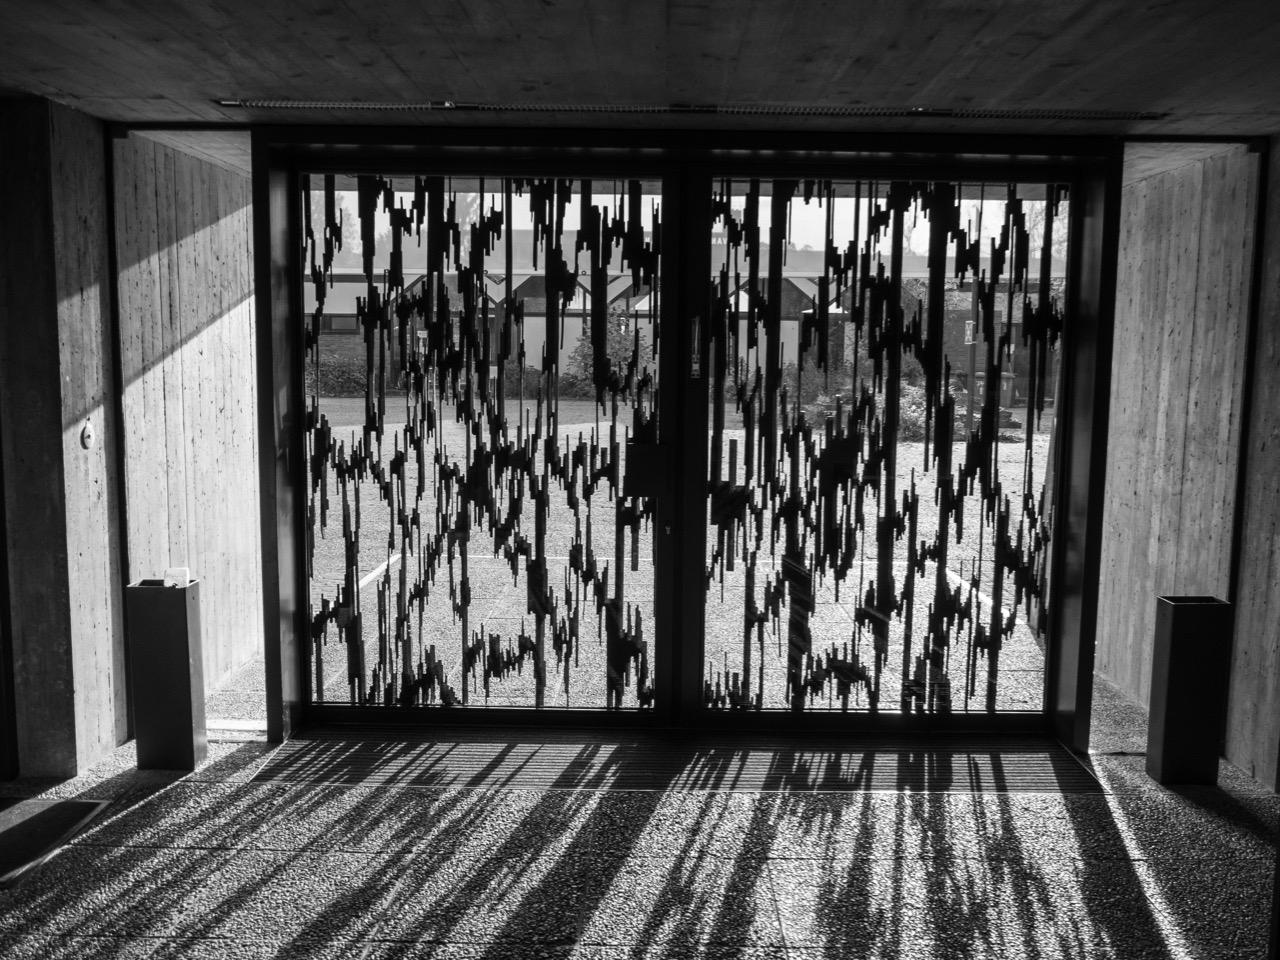 Portal von innen (Sigrid von Liebenstein, 1964)